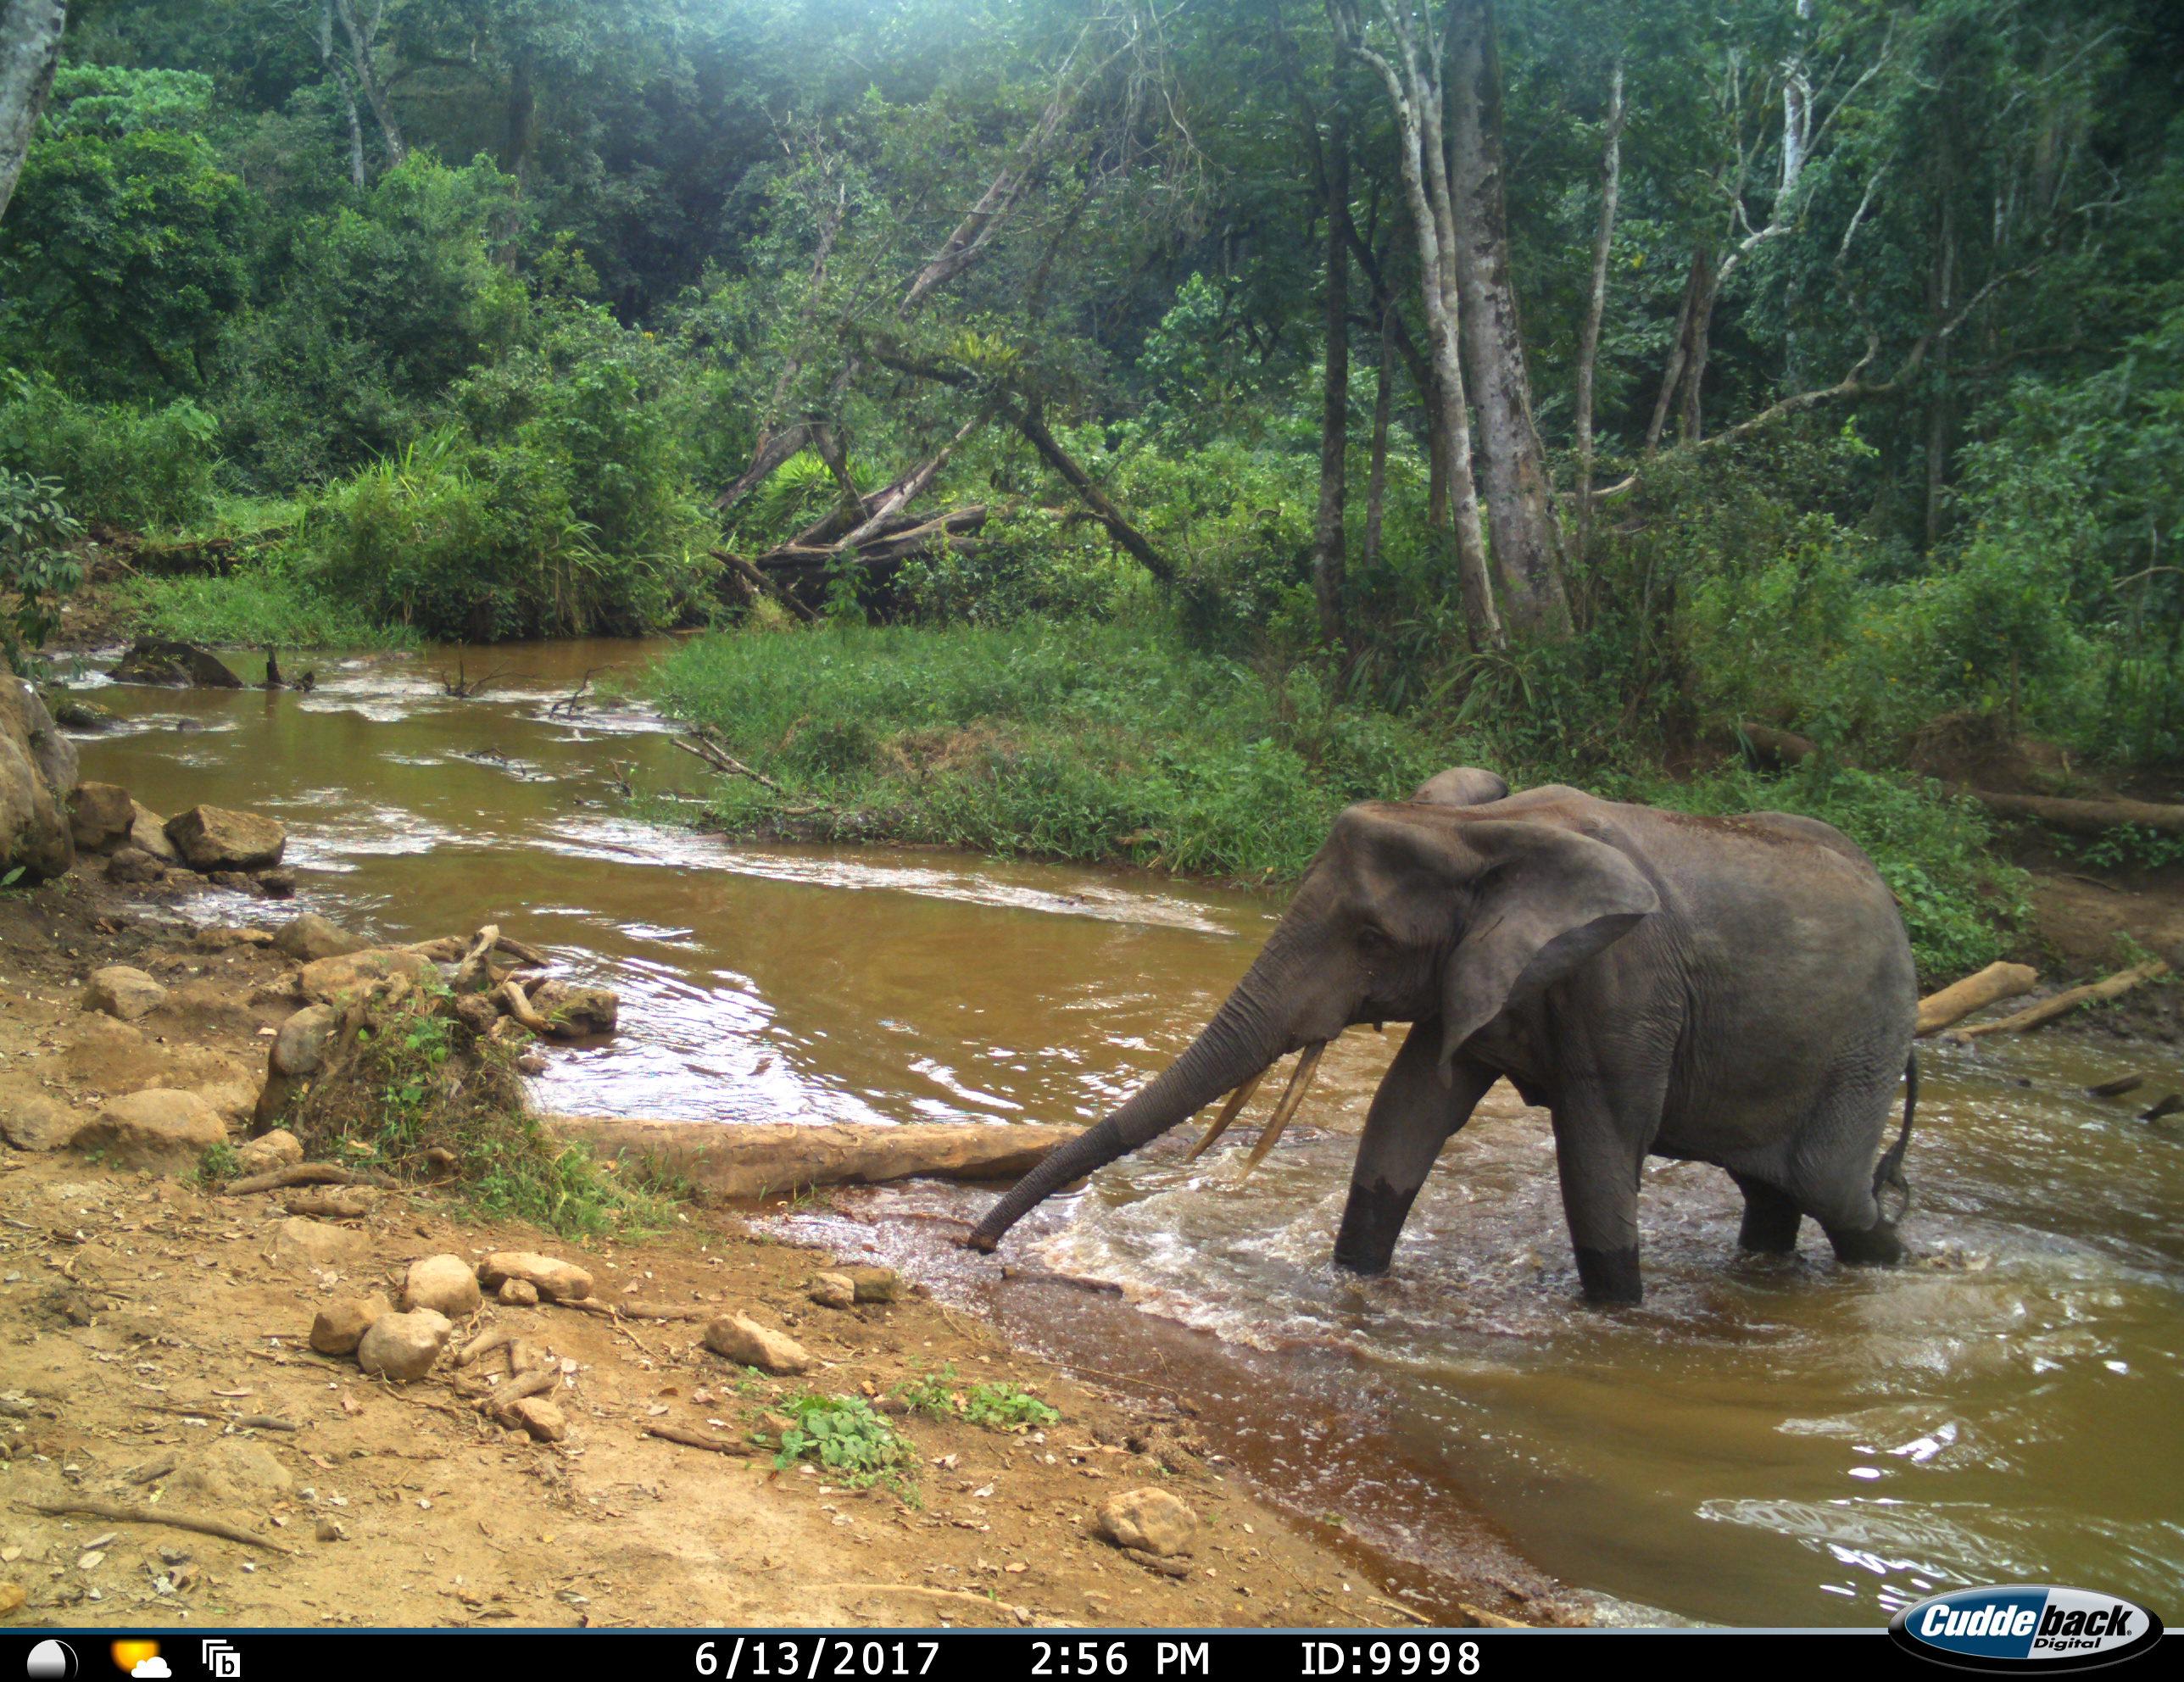 When Elephants are Near